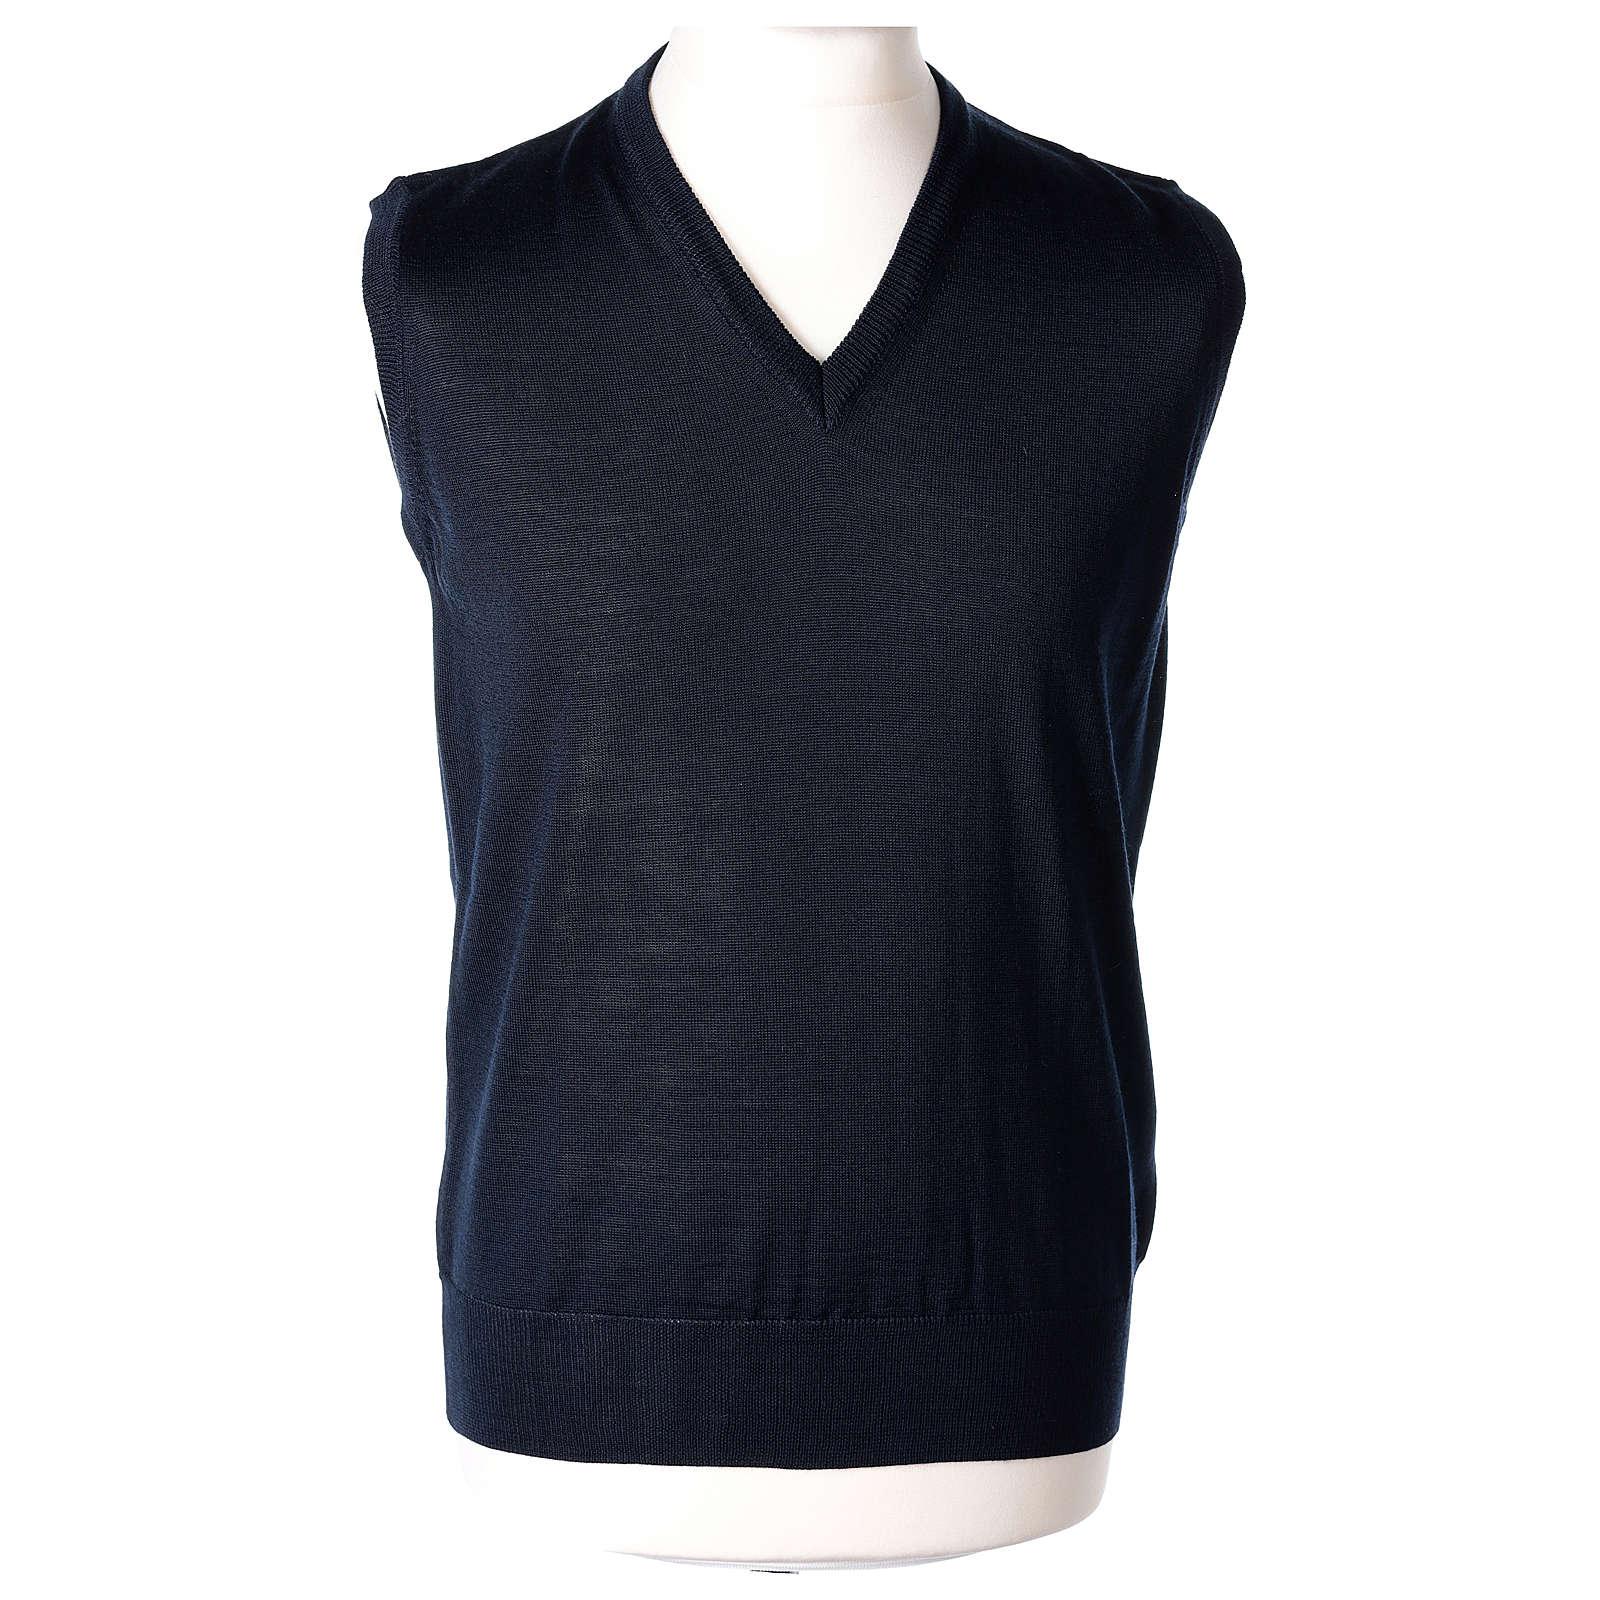 Pull sans manches prêtre bleu jersey simple 50% acrylique 50% laine mérinos In Primis 4